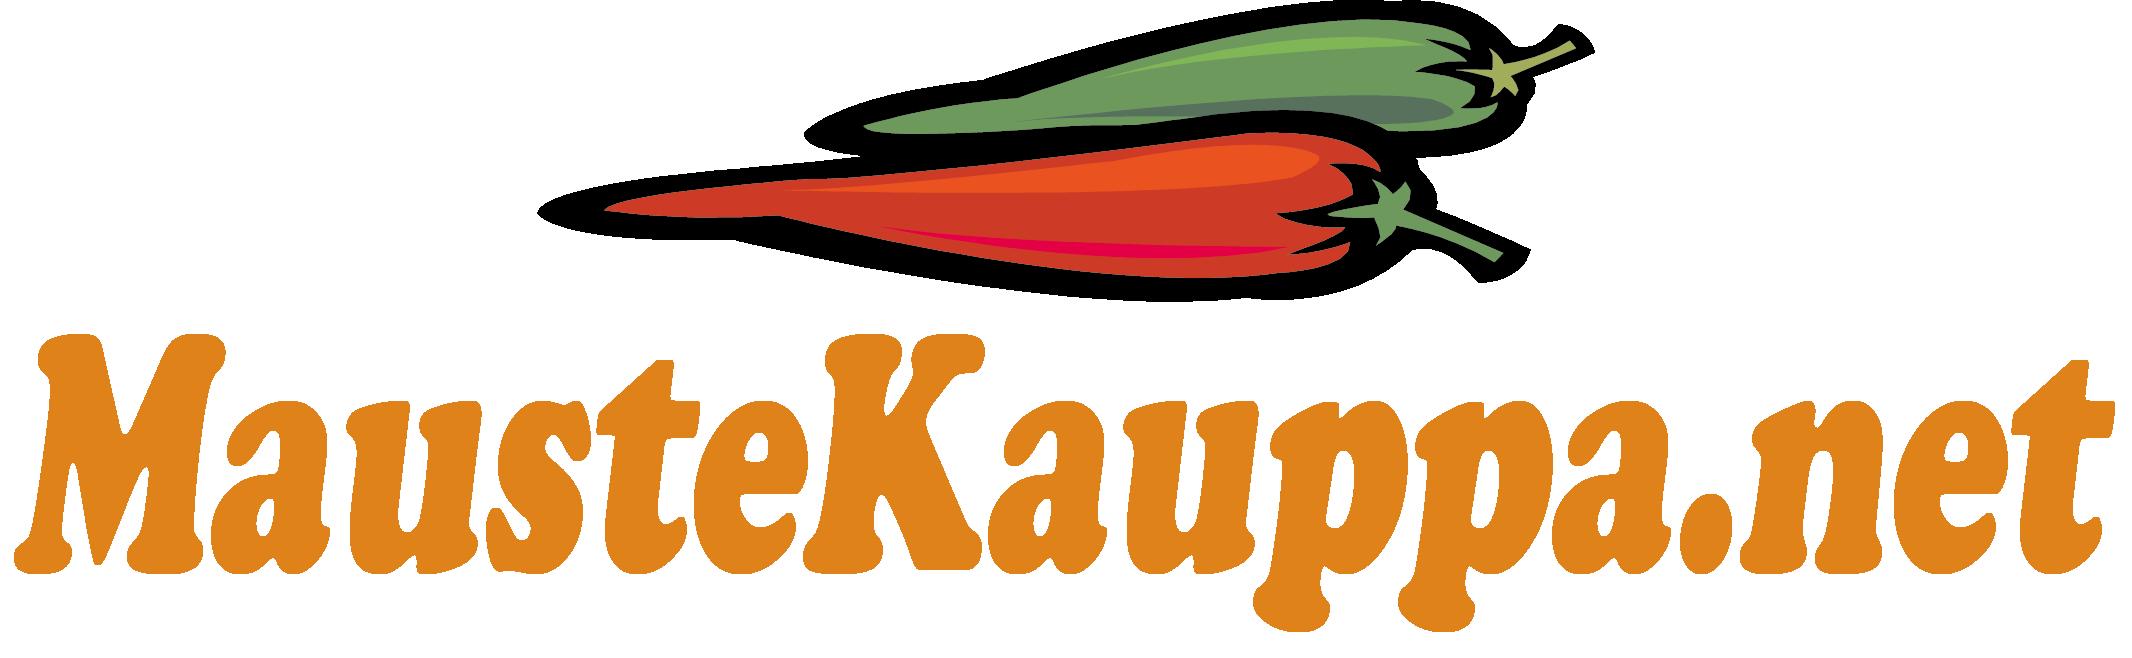 Maustekauppa.net